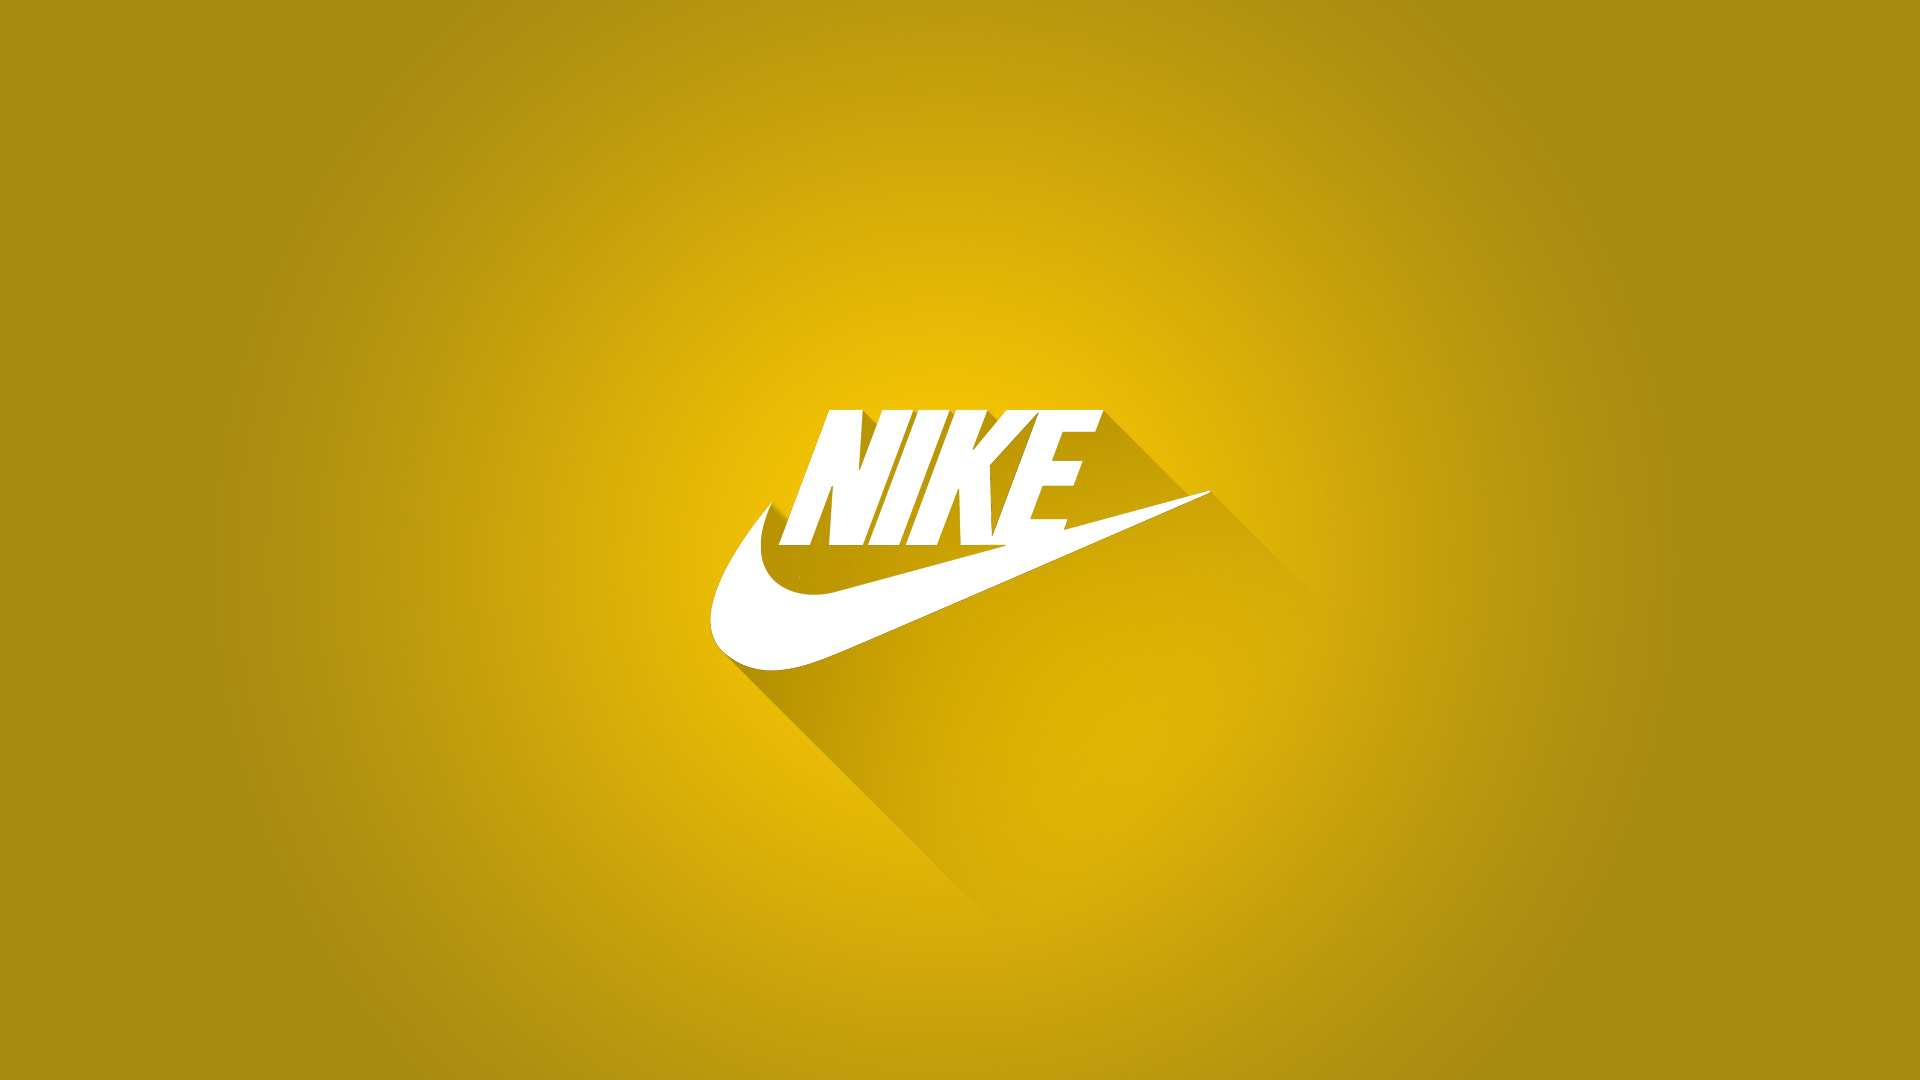 Nike HD